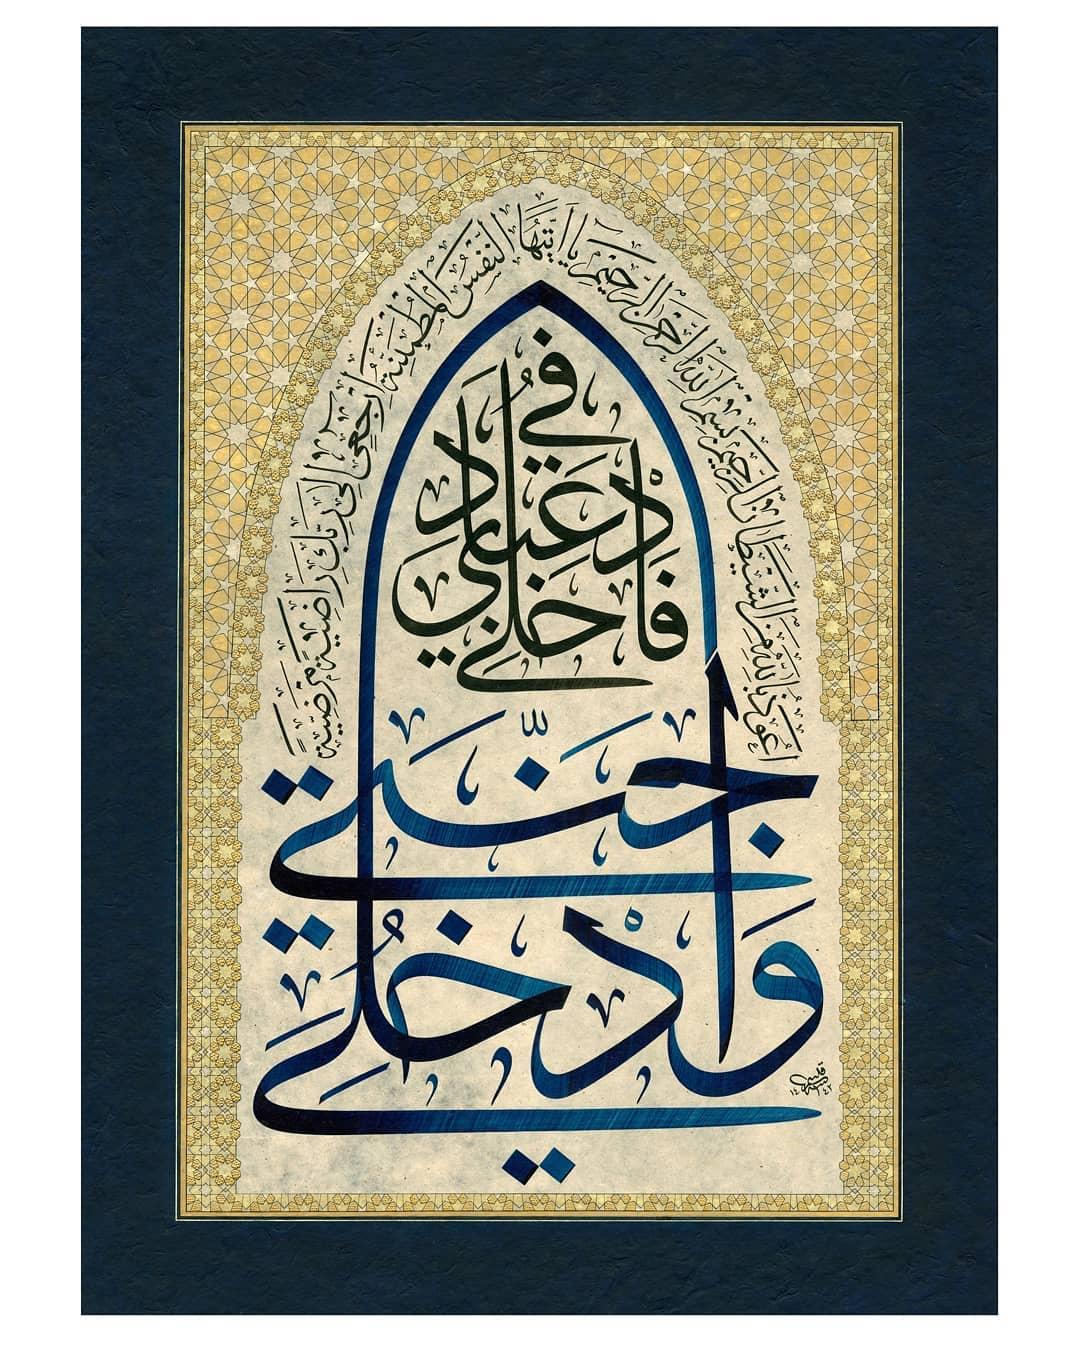 Hattat Kasım Kara قاسم قاره  Door of heaven…Tezhib tasarımı eşim @sibel.ozturk.kara ya ait olan, uygulaması… 457